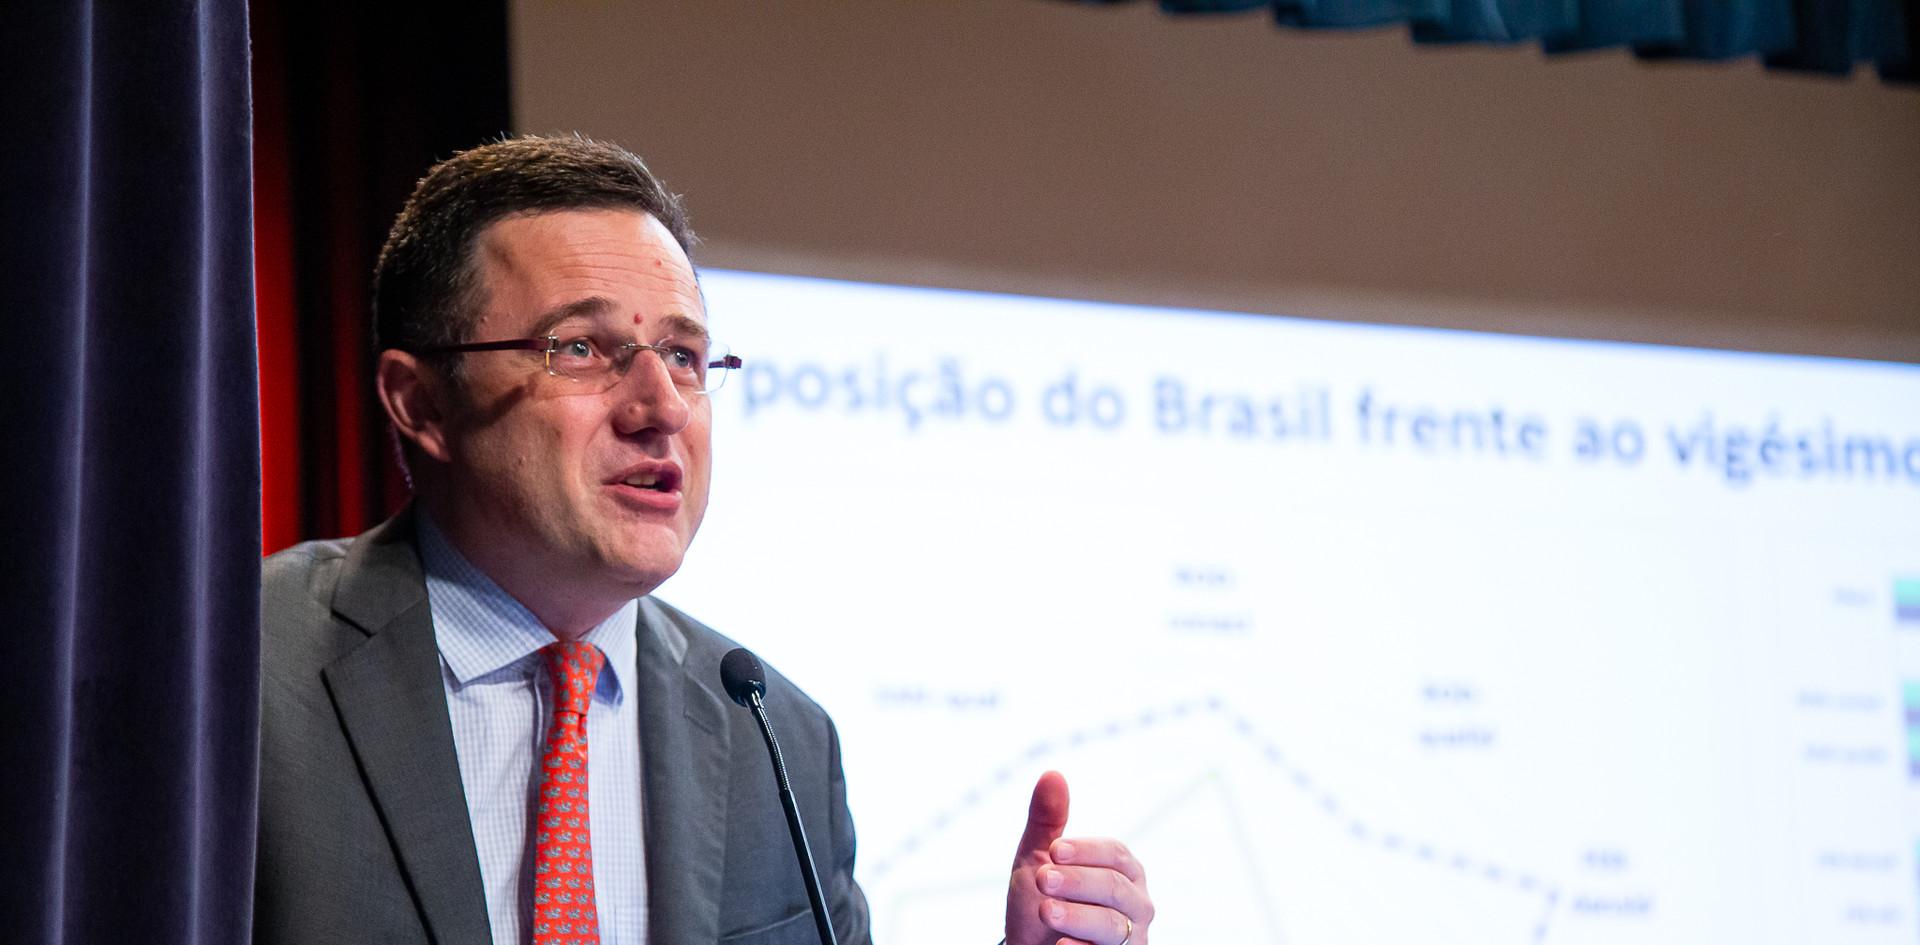 Frederico Turolla